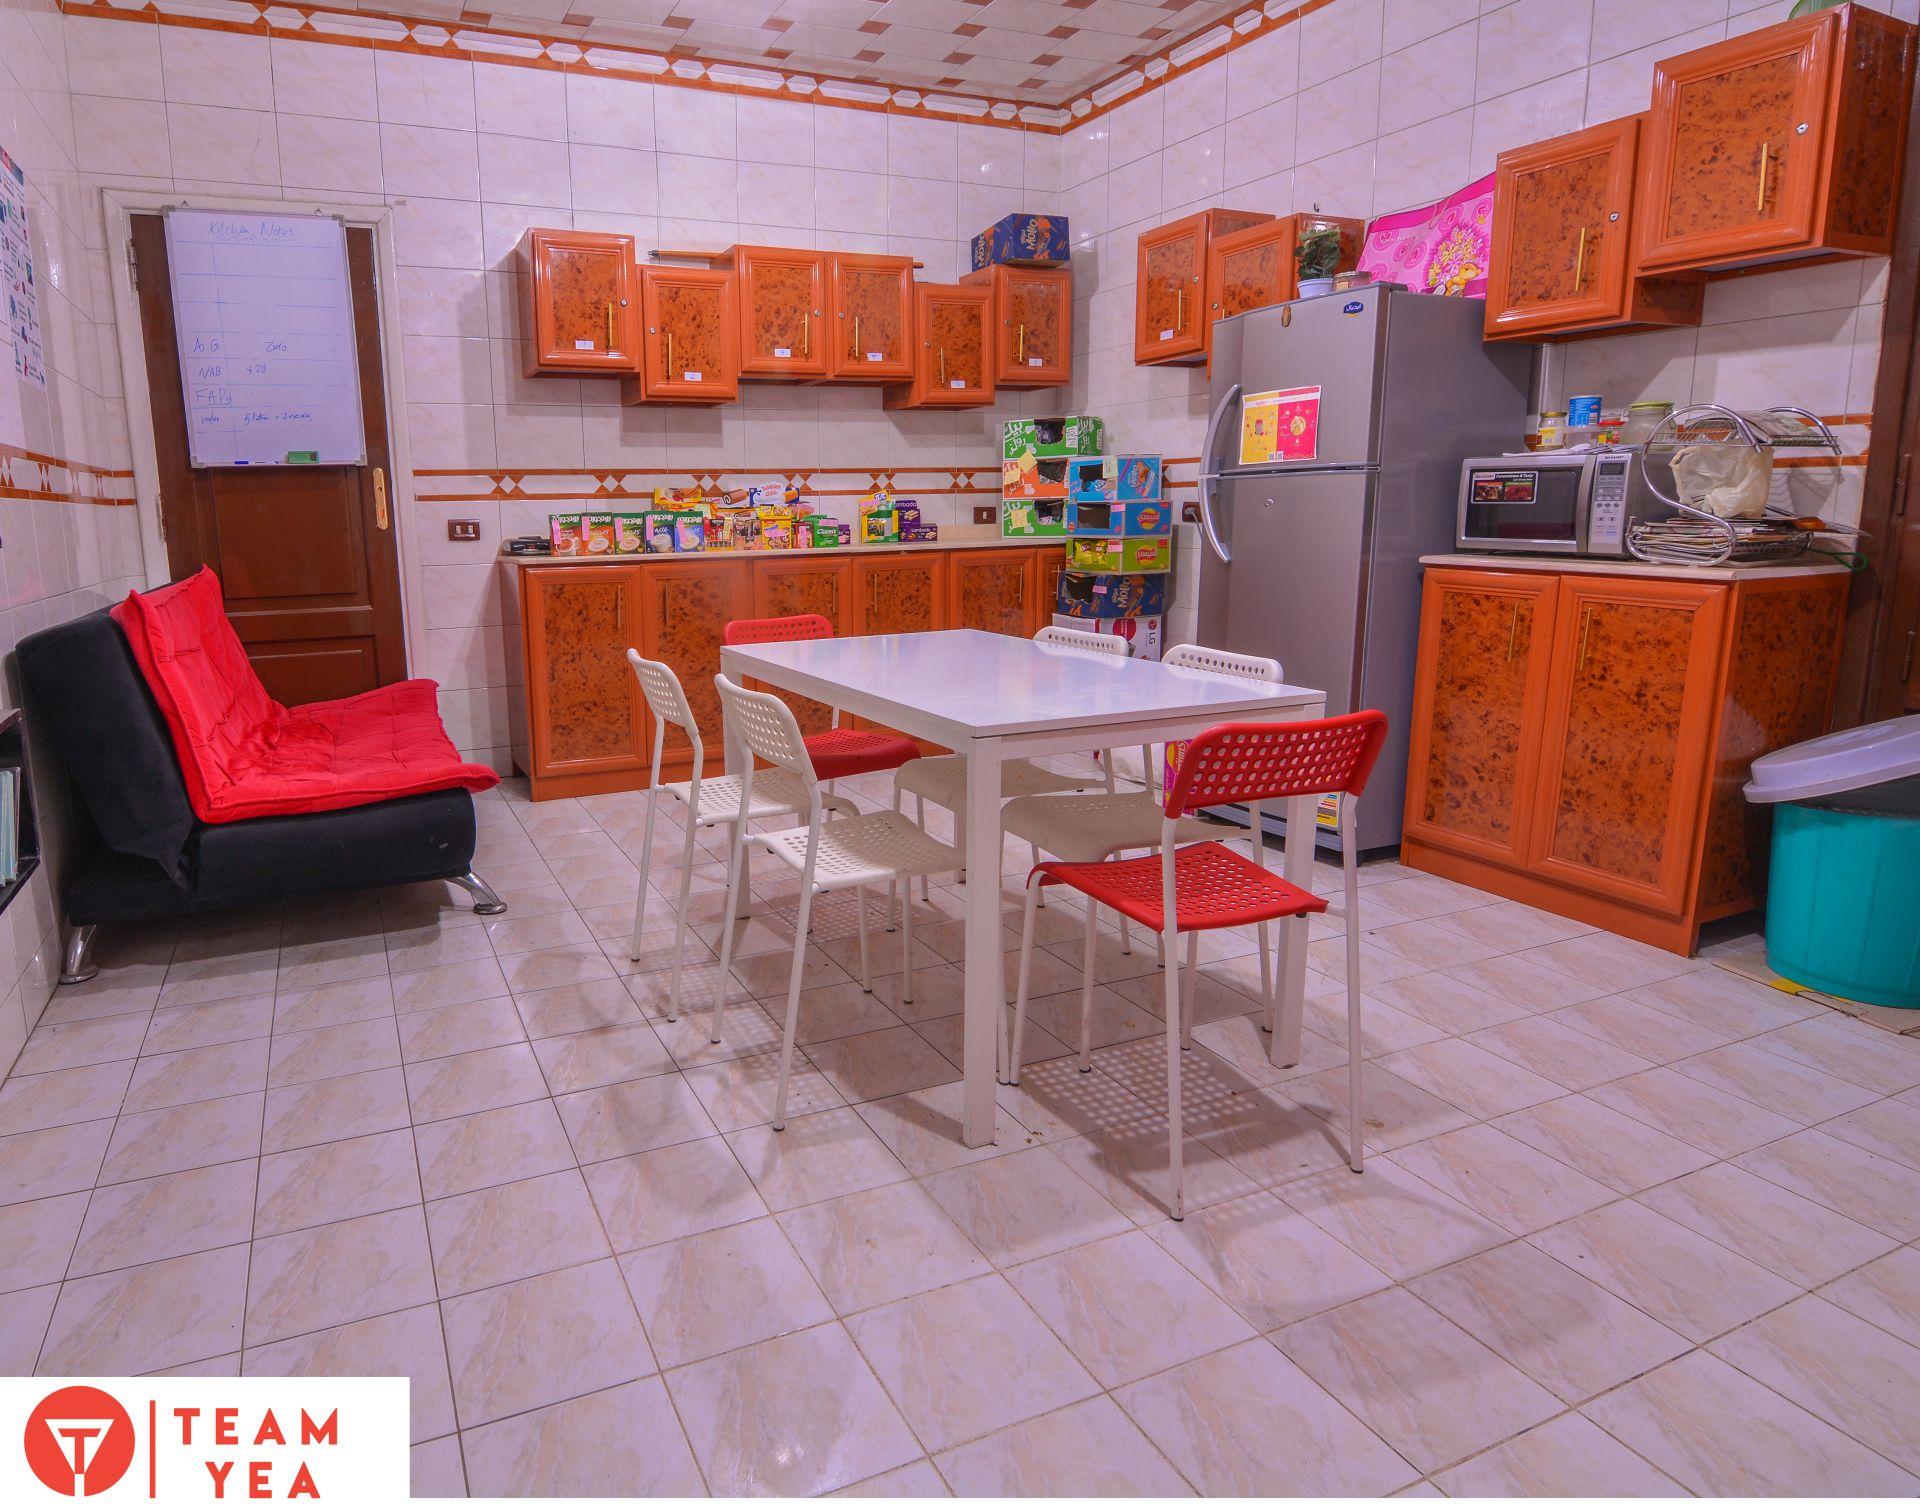 TeamYea, Mansoura